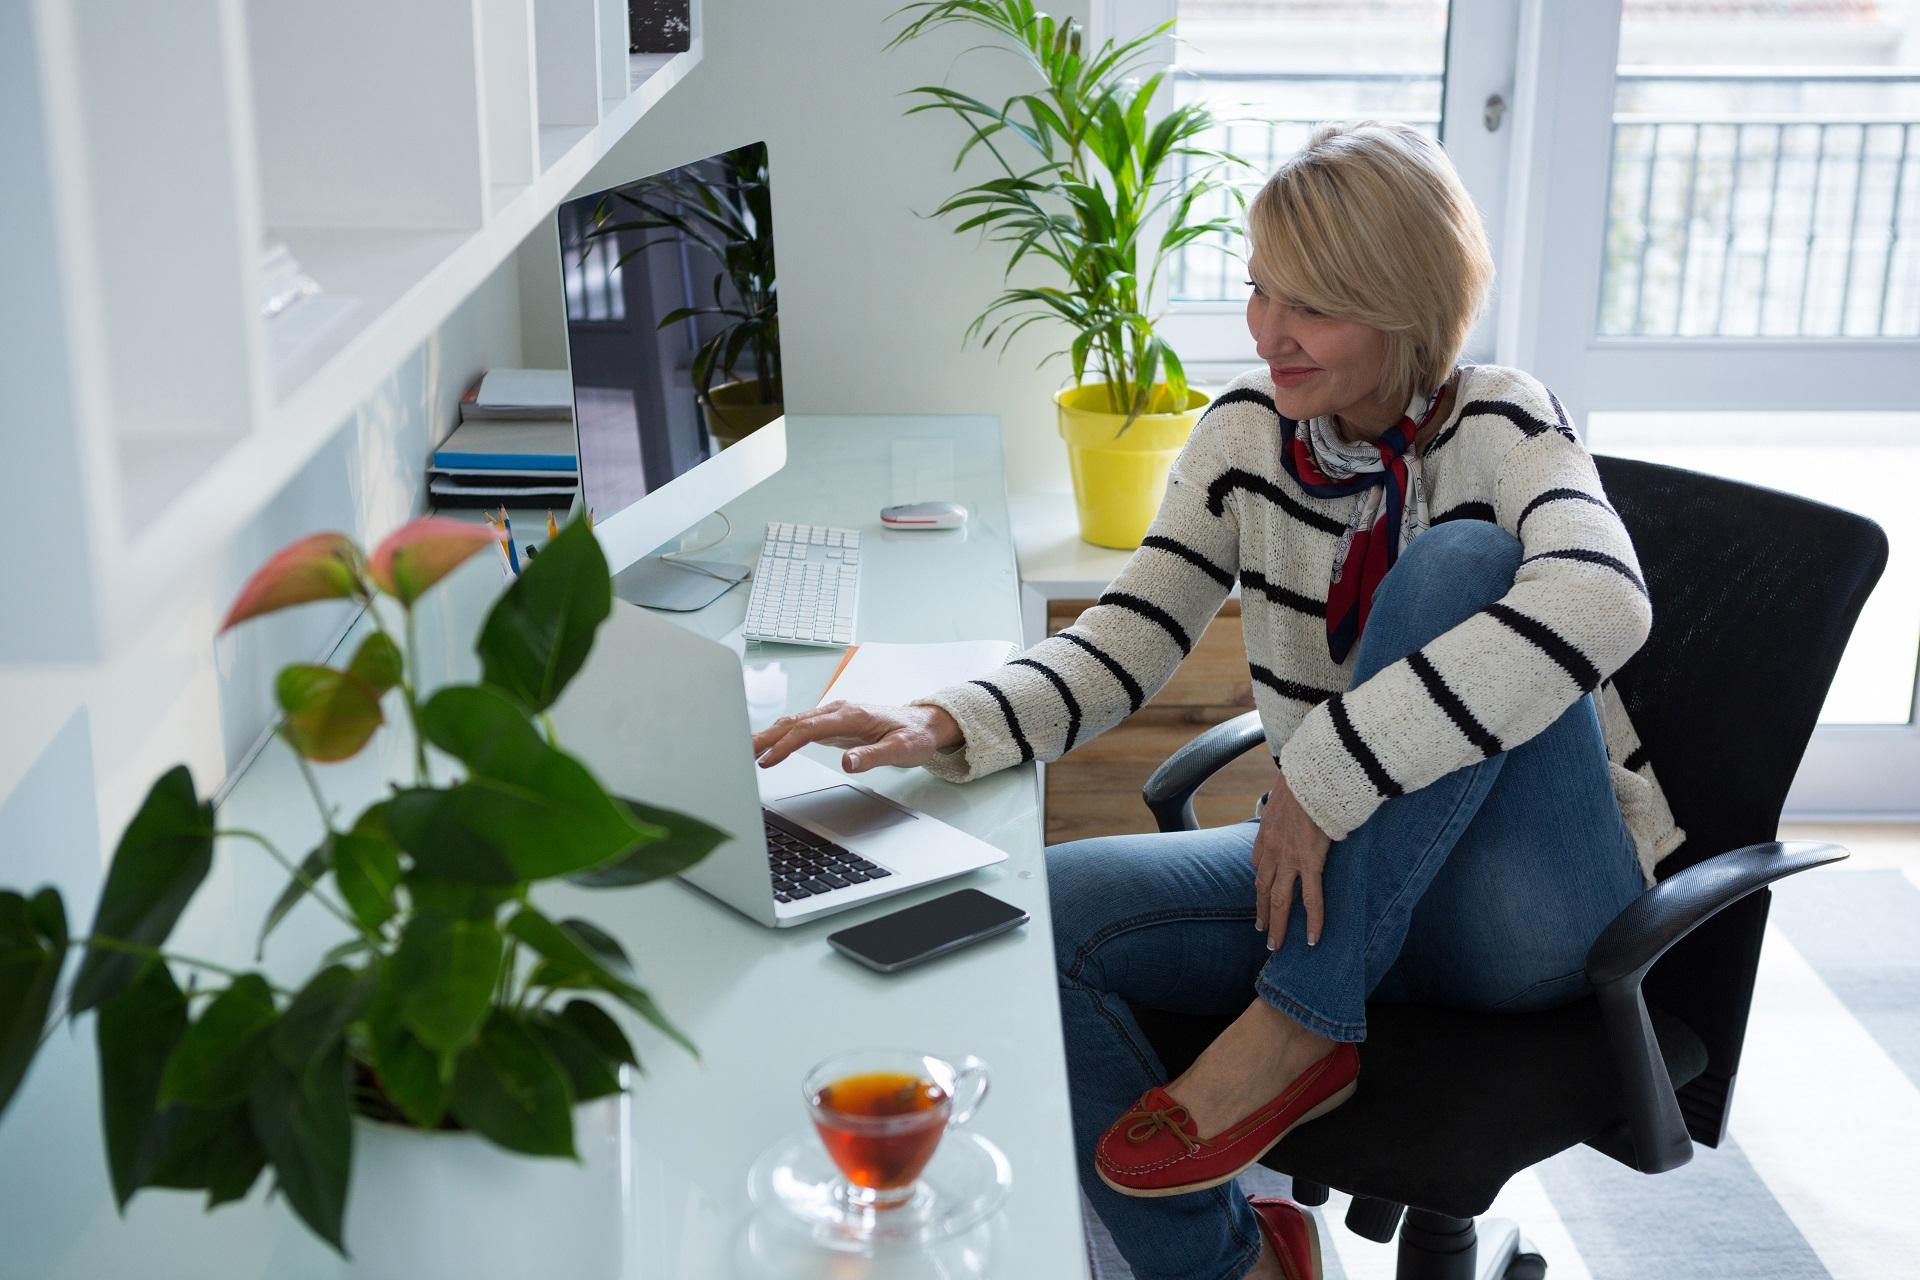 come bilanciare vita privata e lavorativa